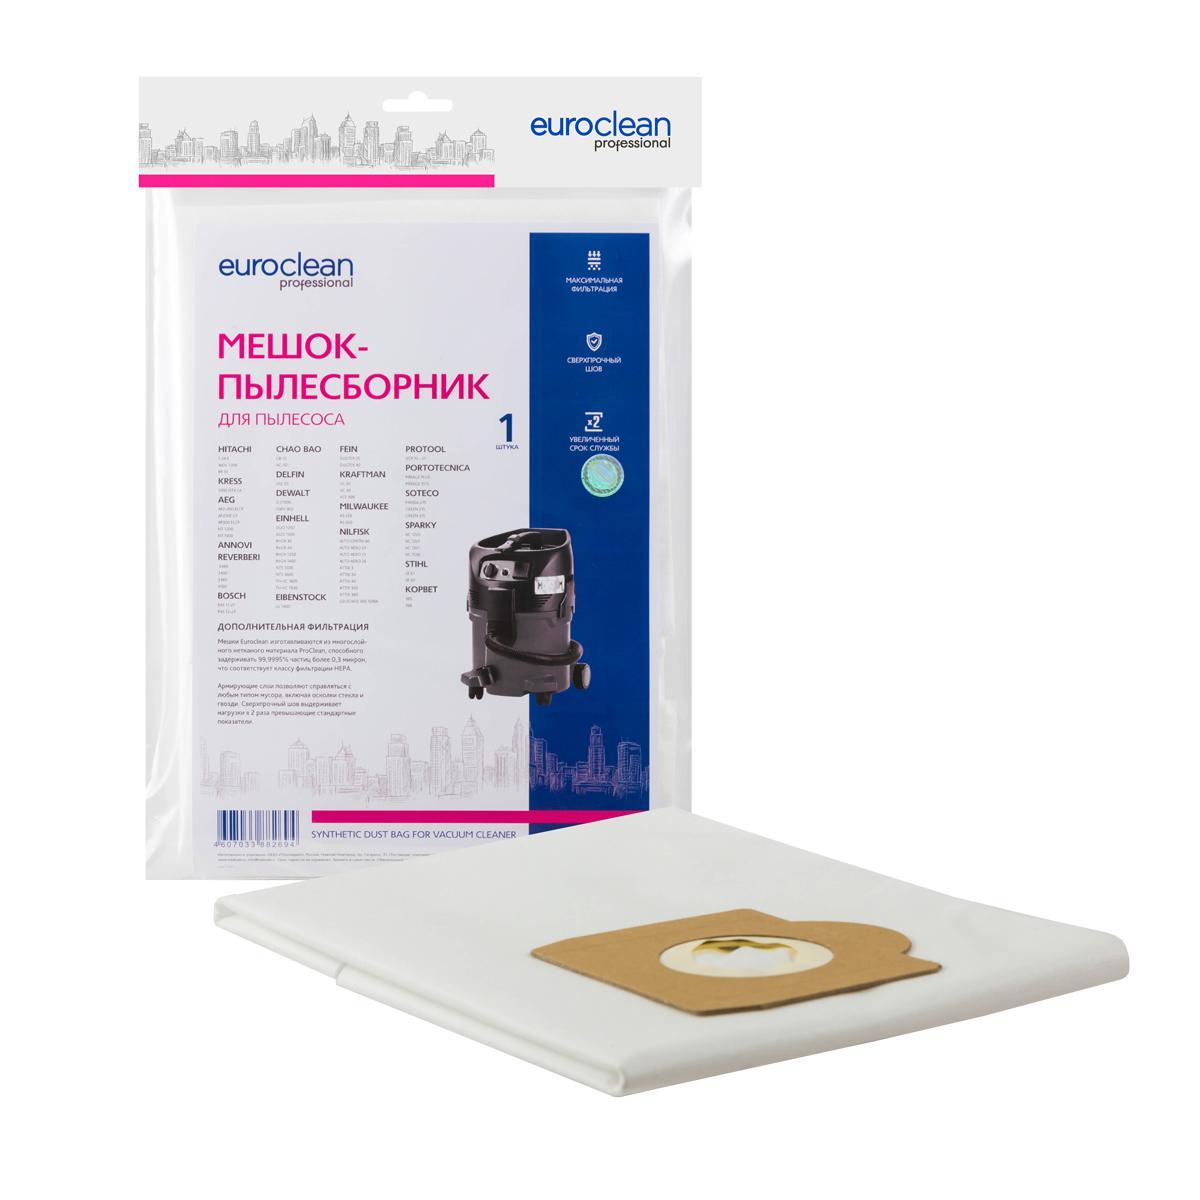 Мешок Euro clean Eur-3041 мешки для пылесоса аксэл mtx 3041 3